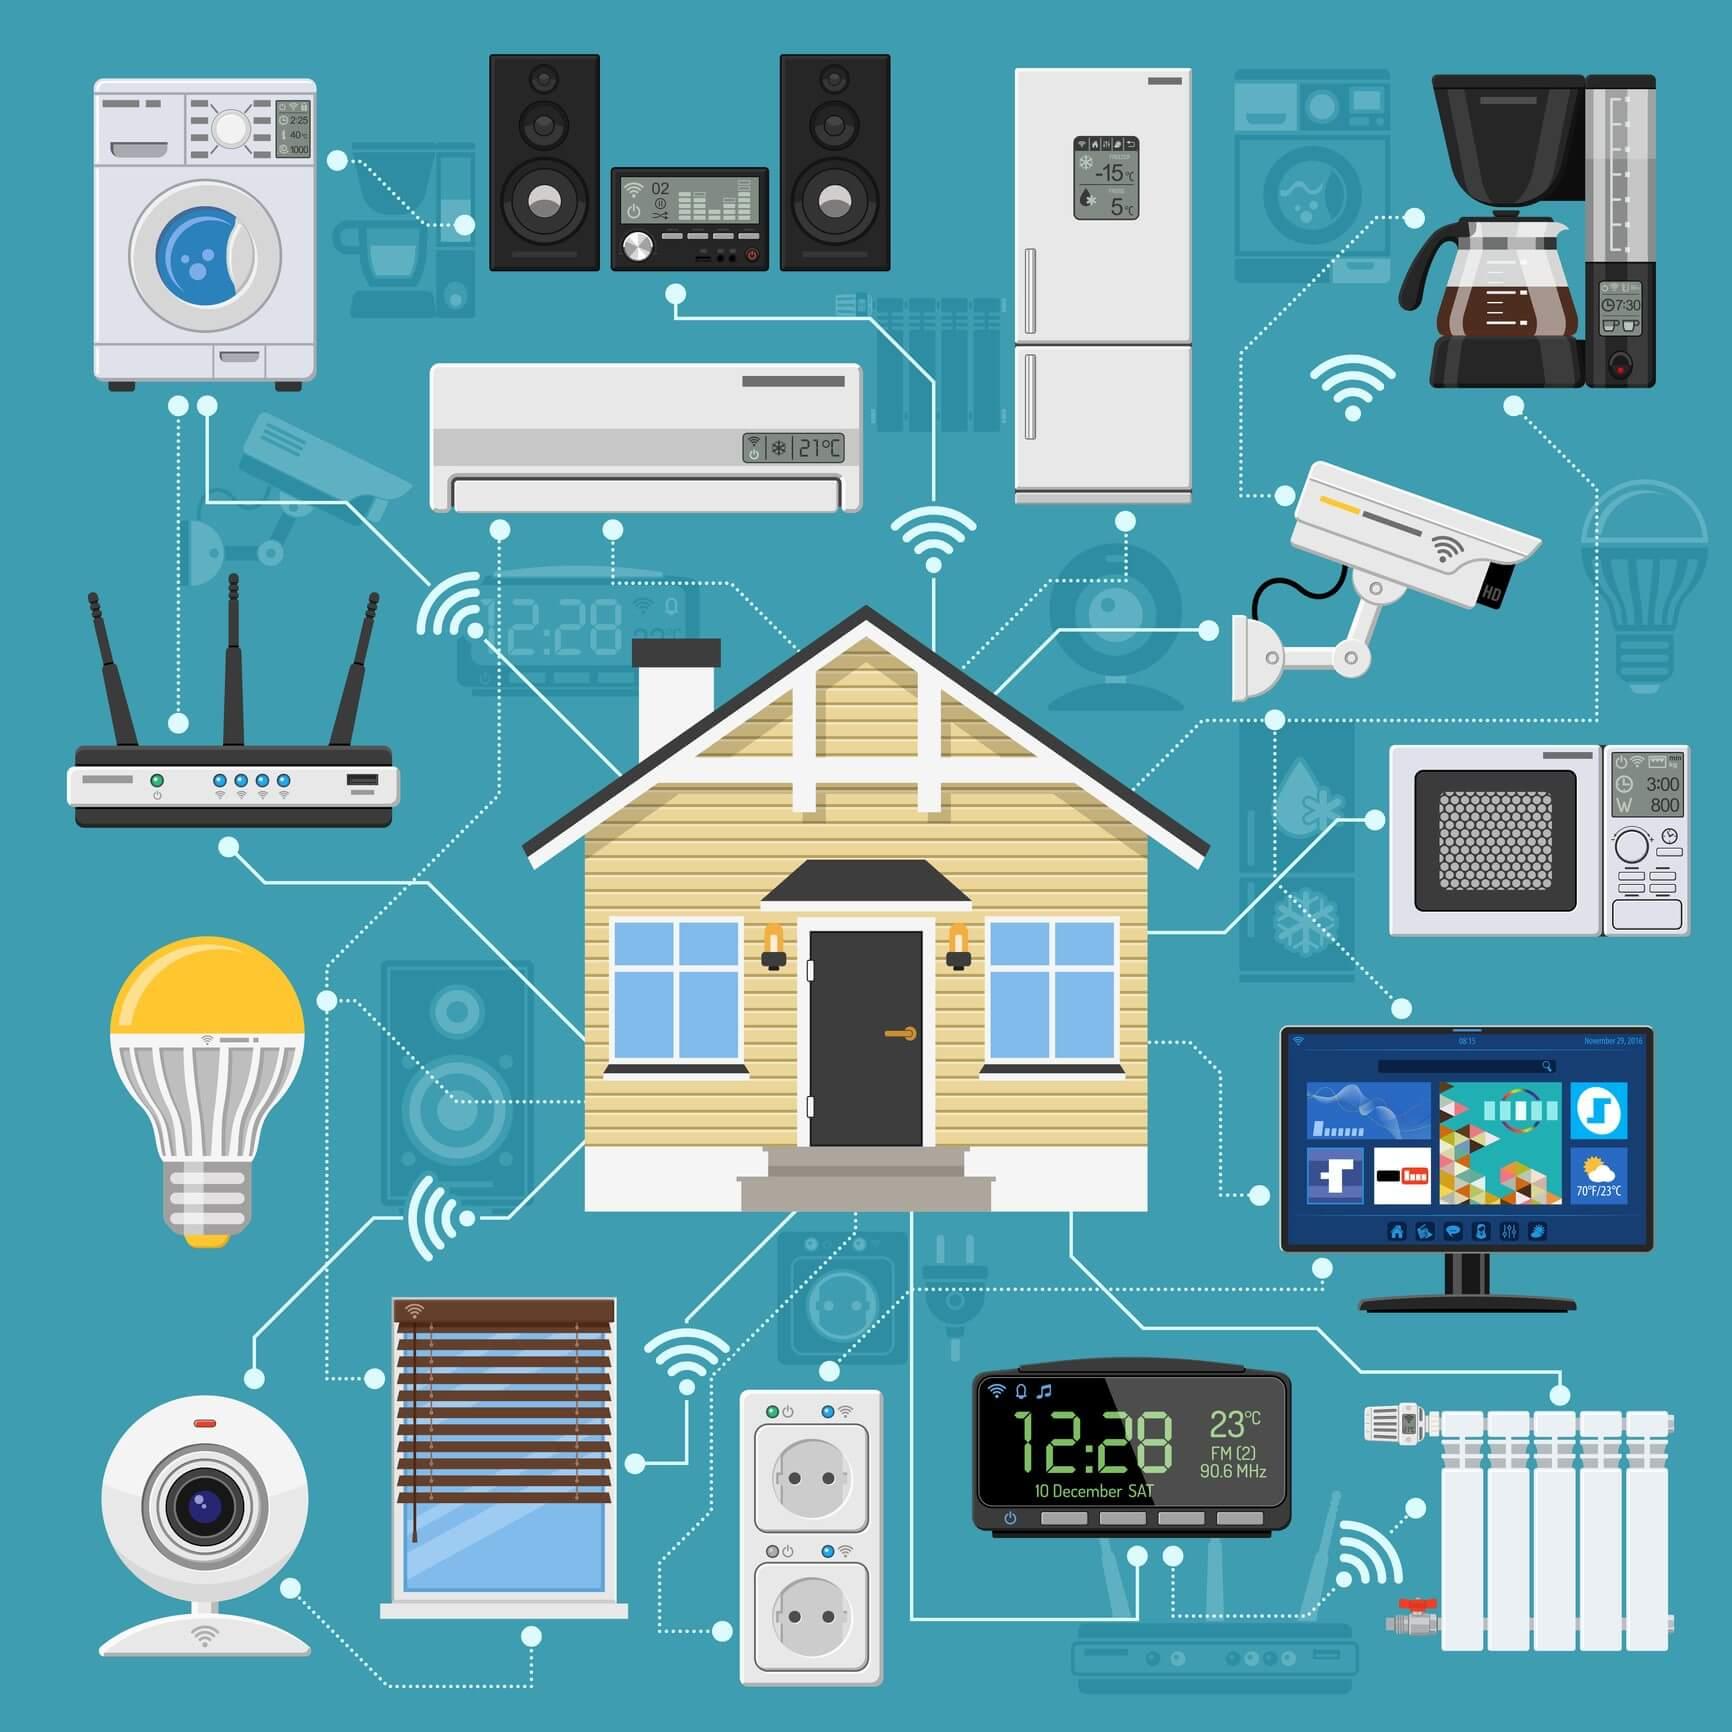 ריבוי מכשירים אלקטרוניים בבית